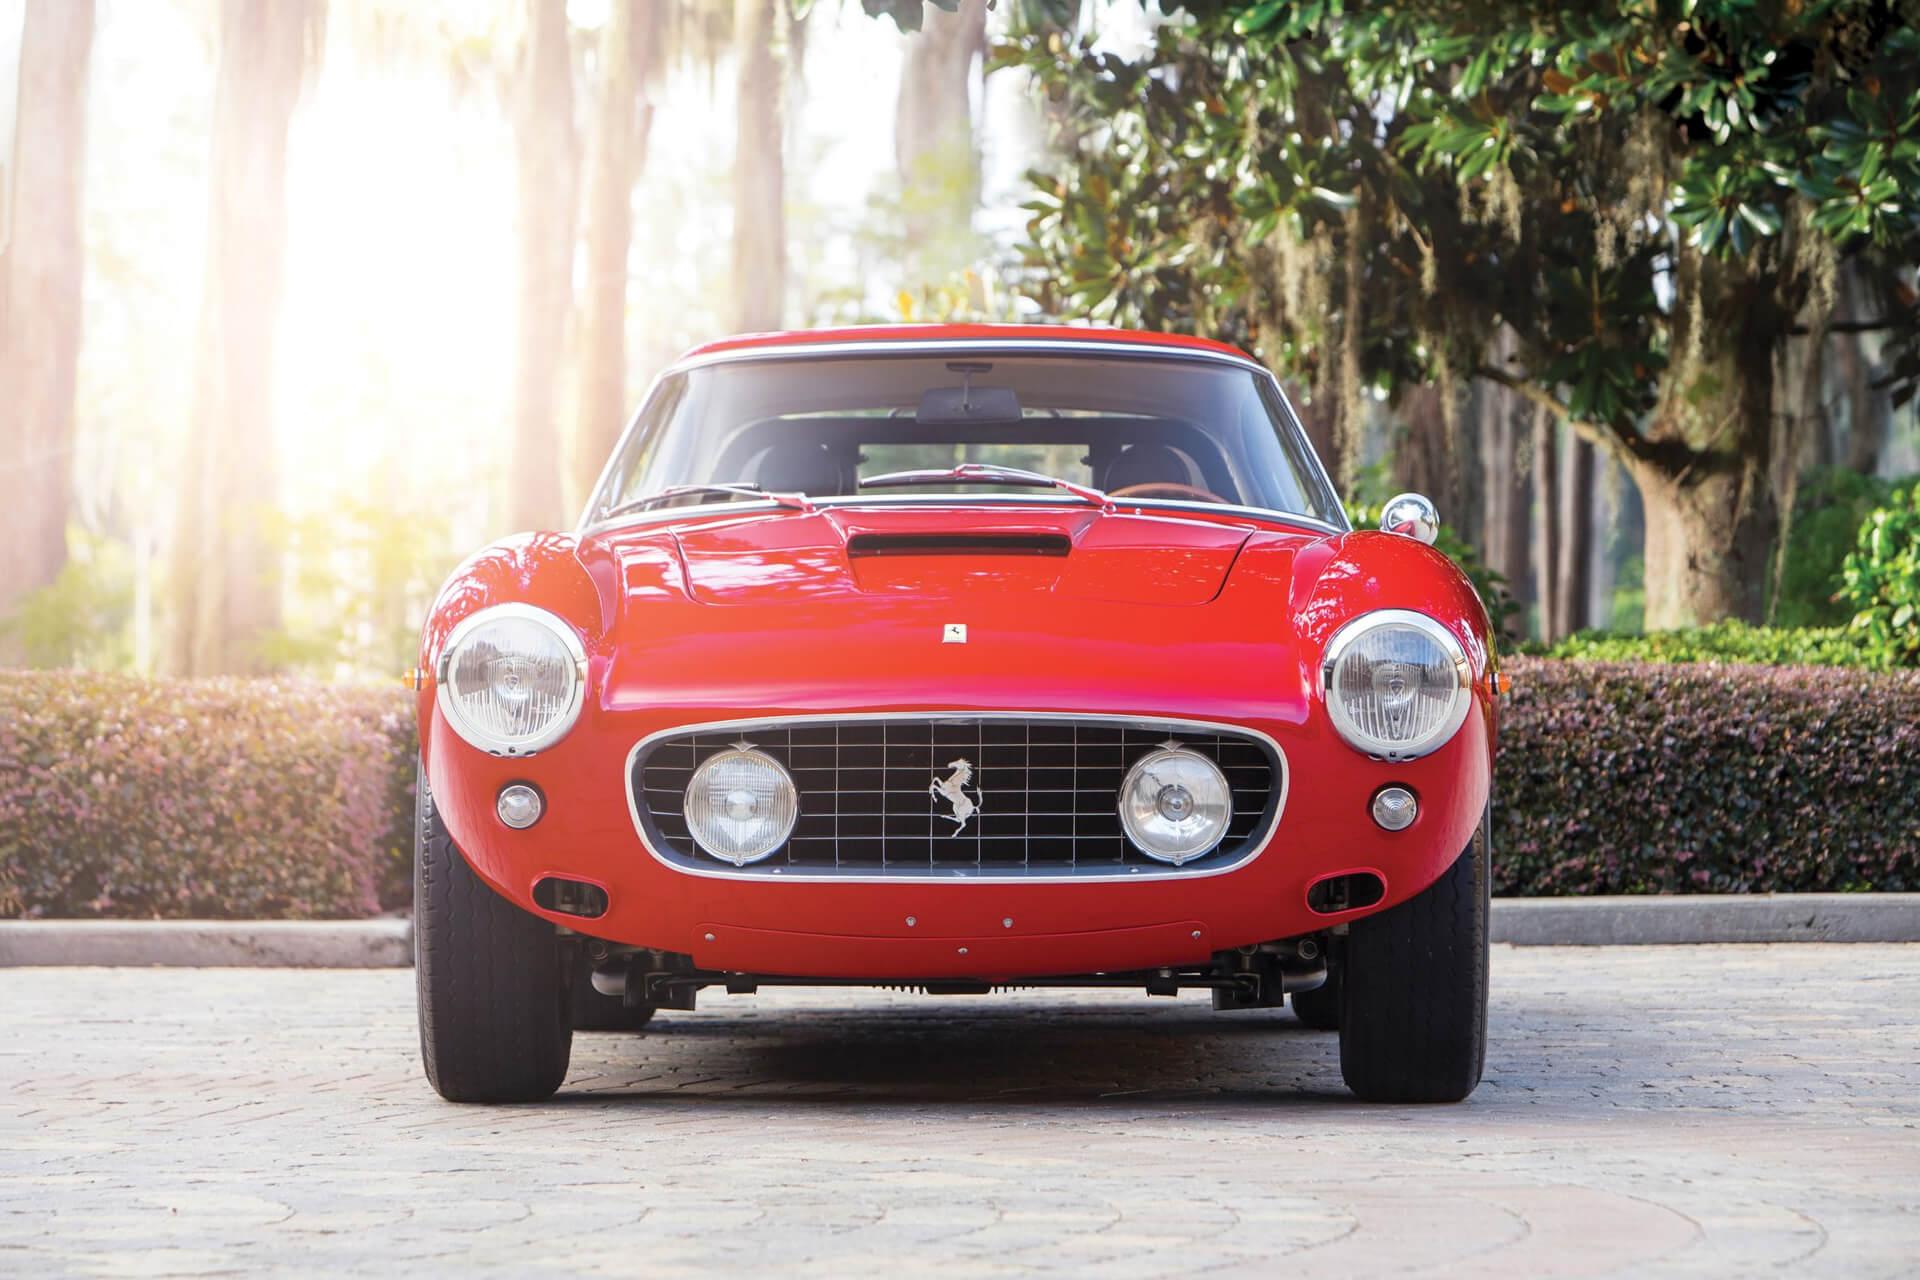 1960 Ferrari 250 GT SWB Alloy Berlinetta Competizione by Scaglietti